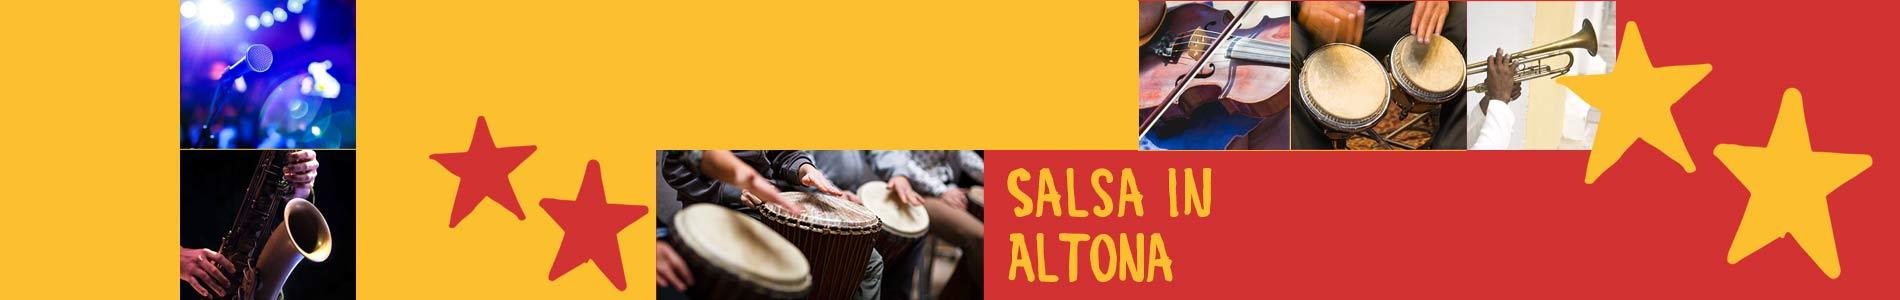 Salsa in Altona – Salsa lernen und tanzen, Tanzkurse, Partys, Veranstaltungen